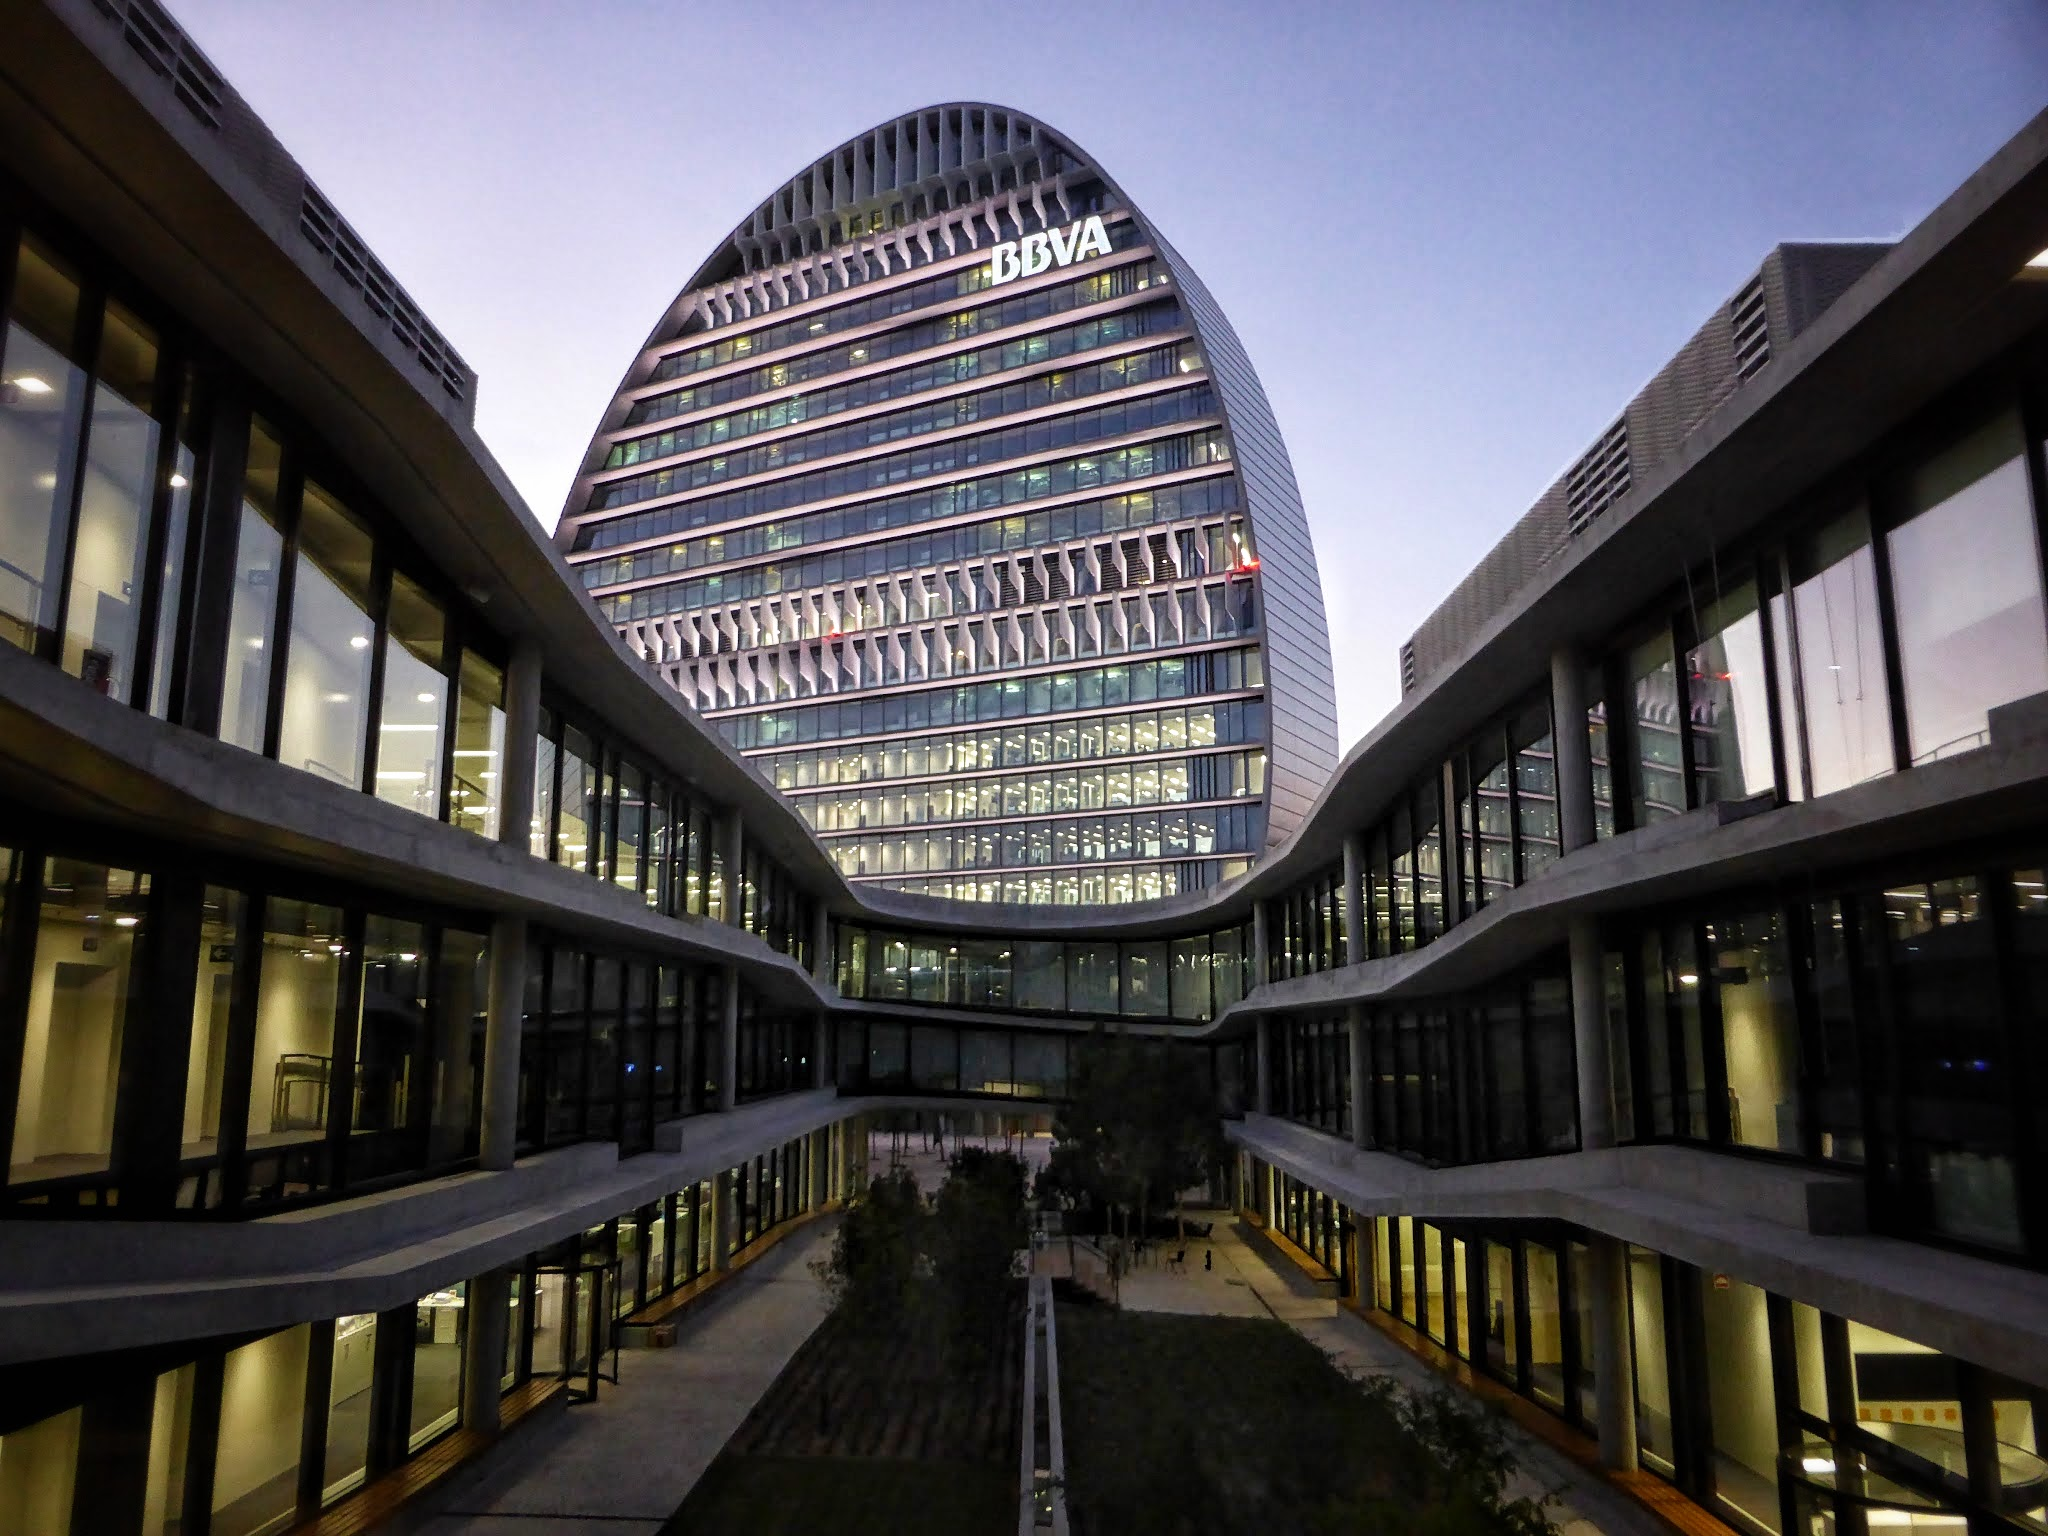 Банк Испании запустит сервис для обмена и хранения криптовалют